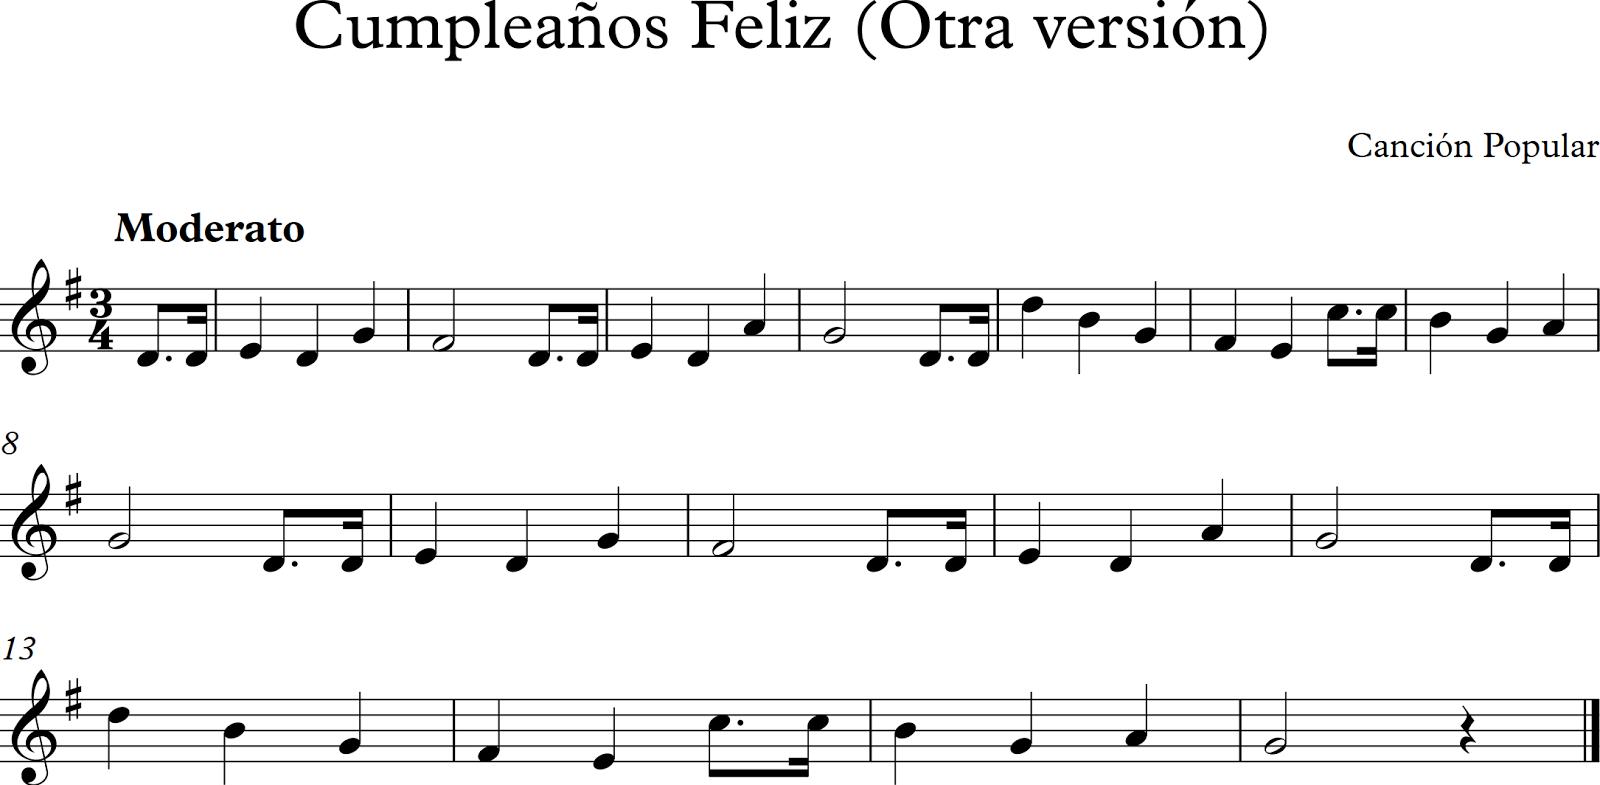 Cumpleanos feliz en partitura para flauta